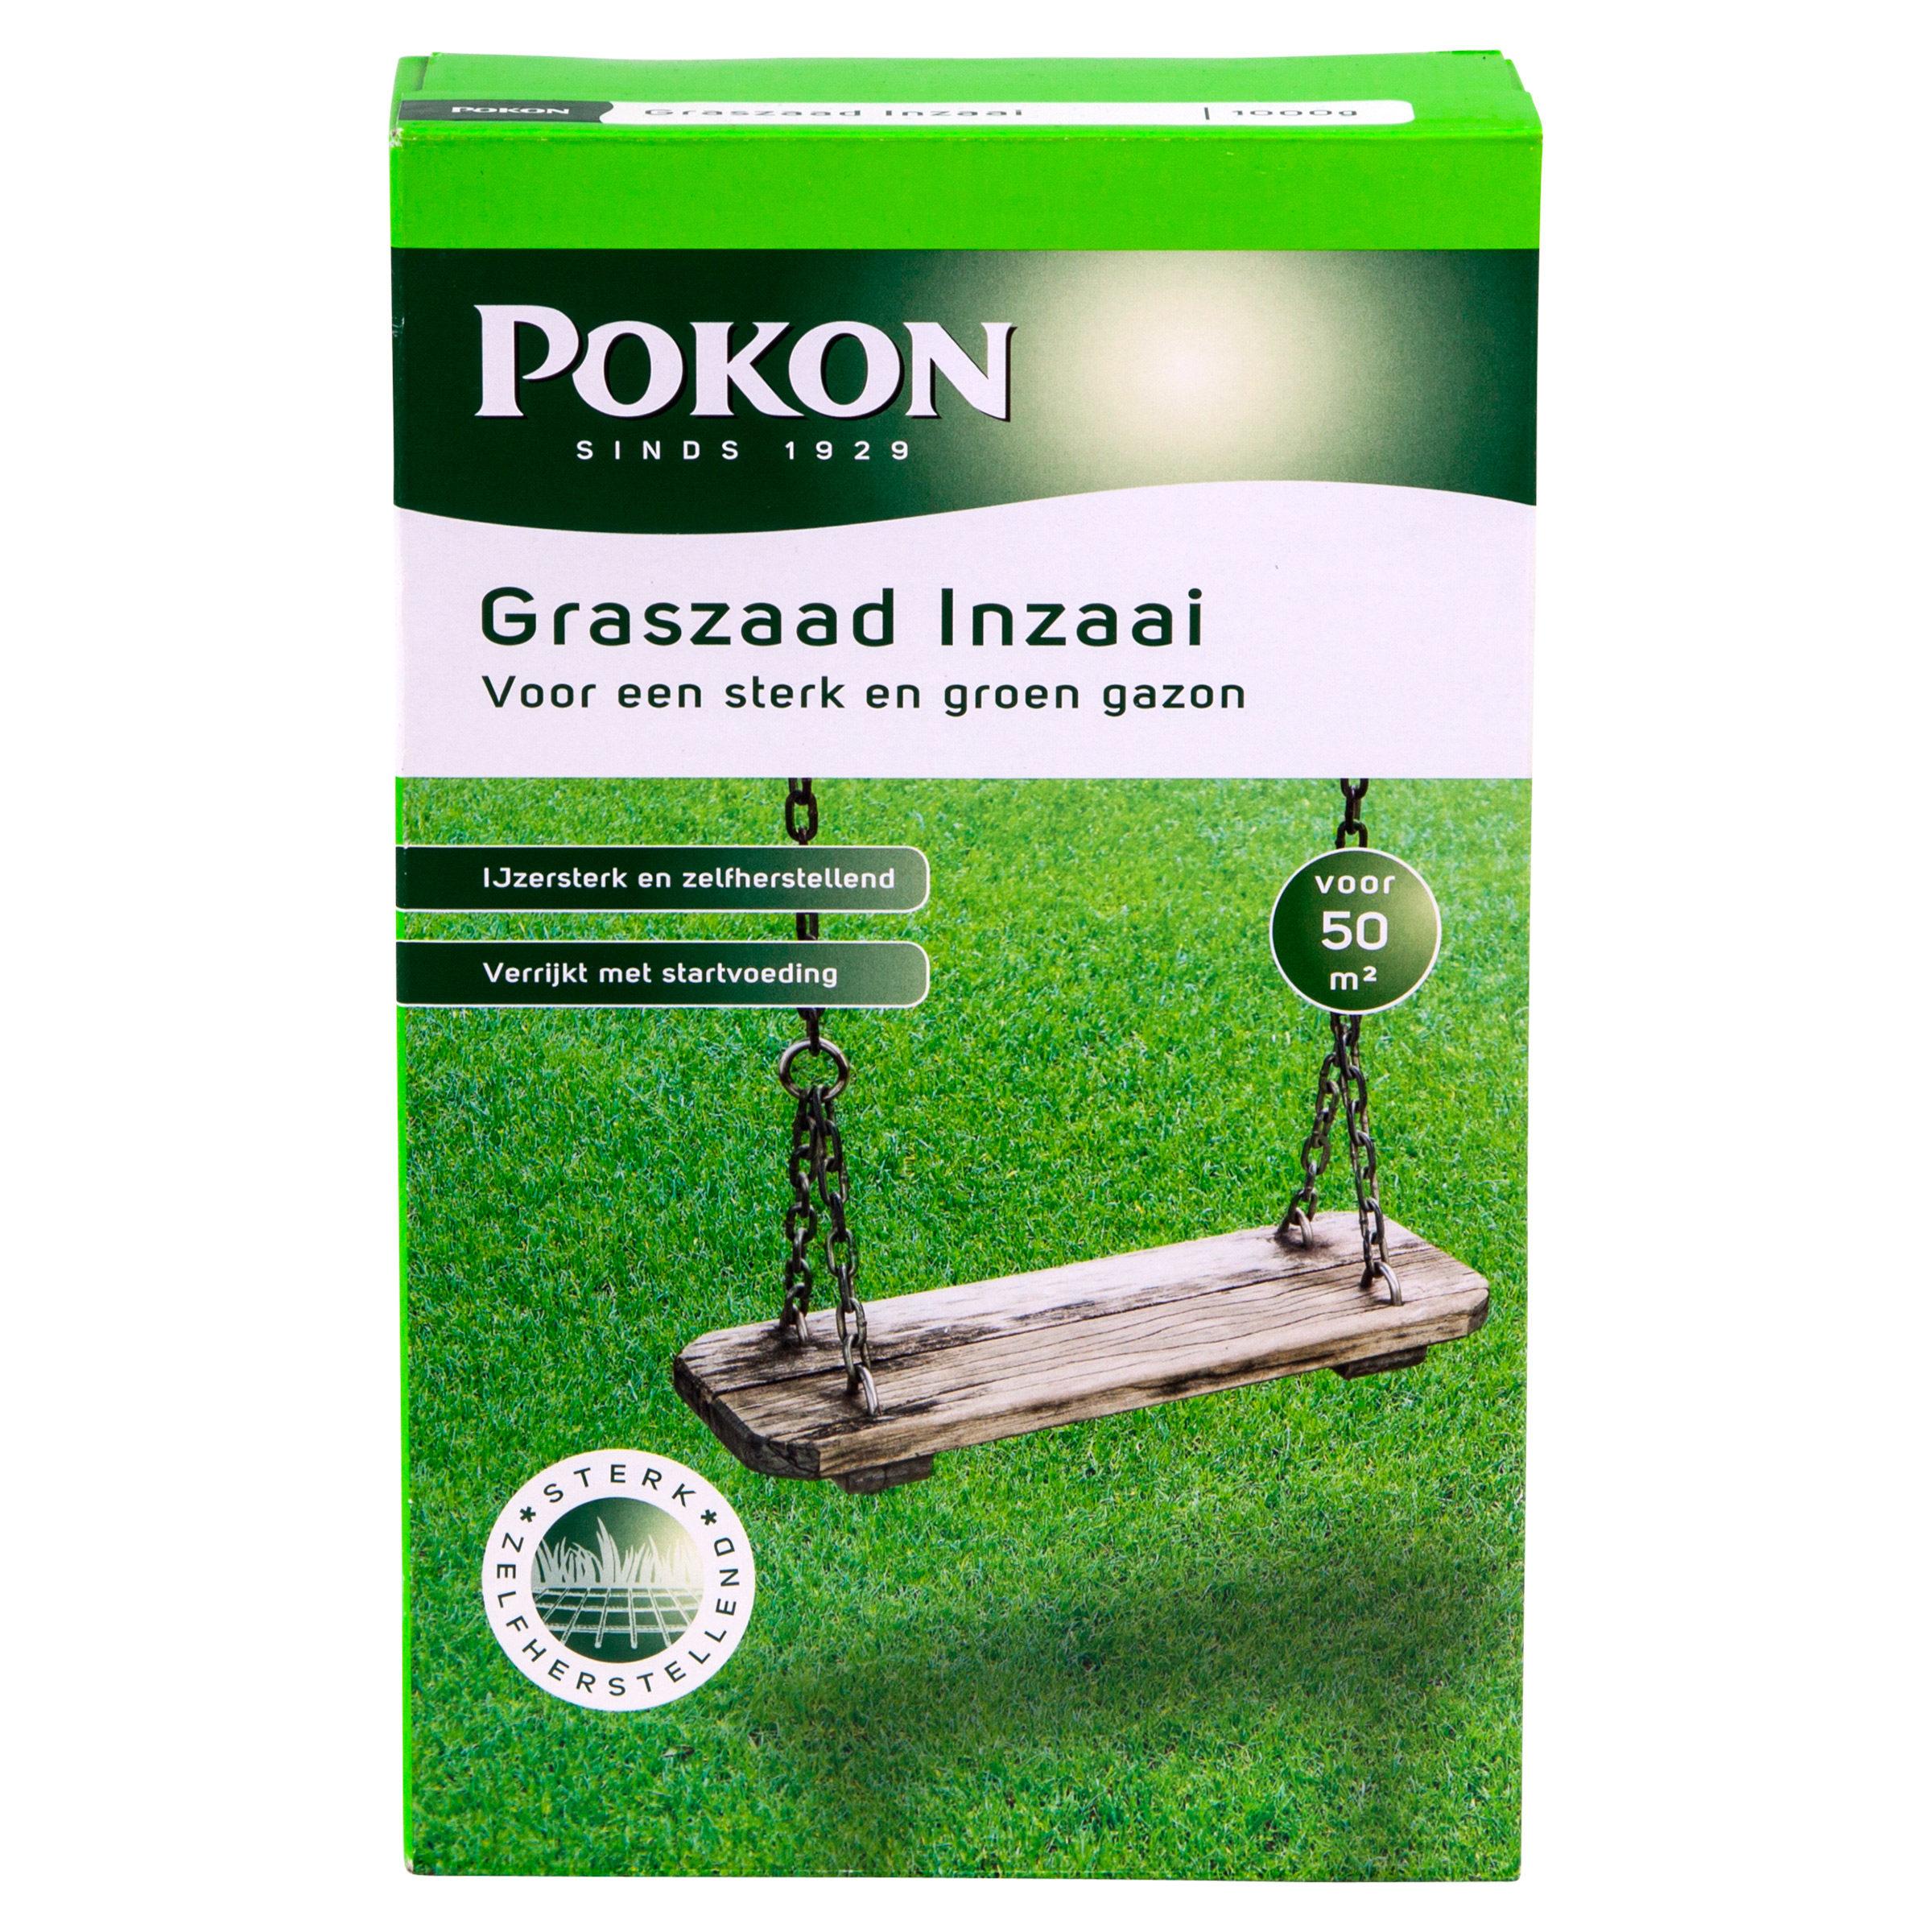 Graszaad Inzaai 1kg - cover